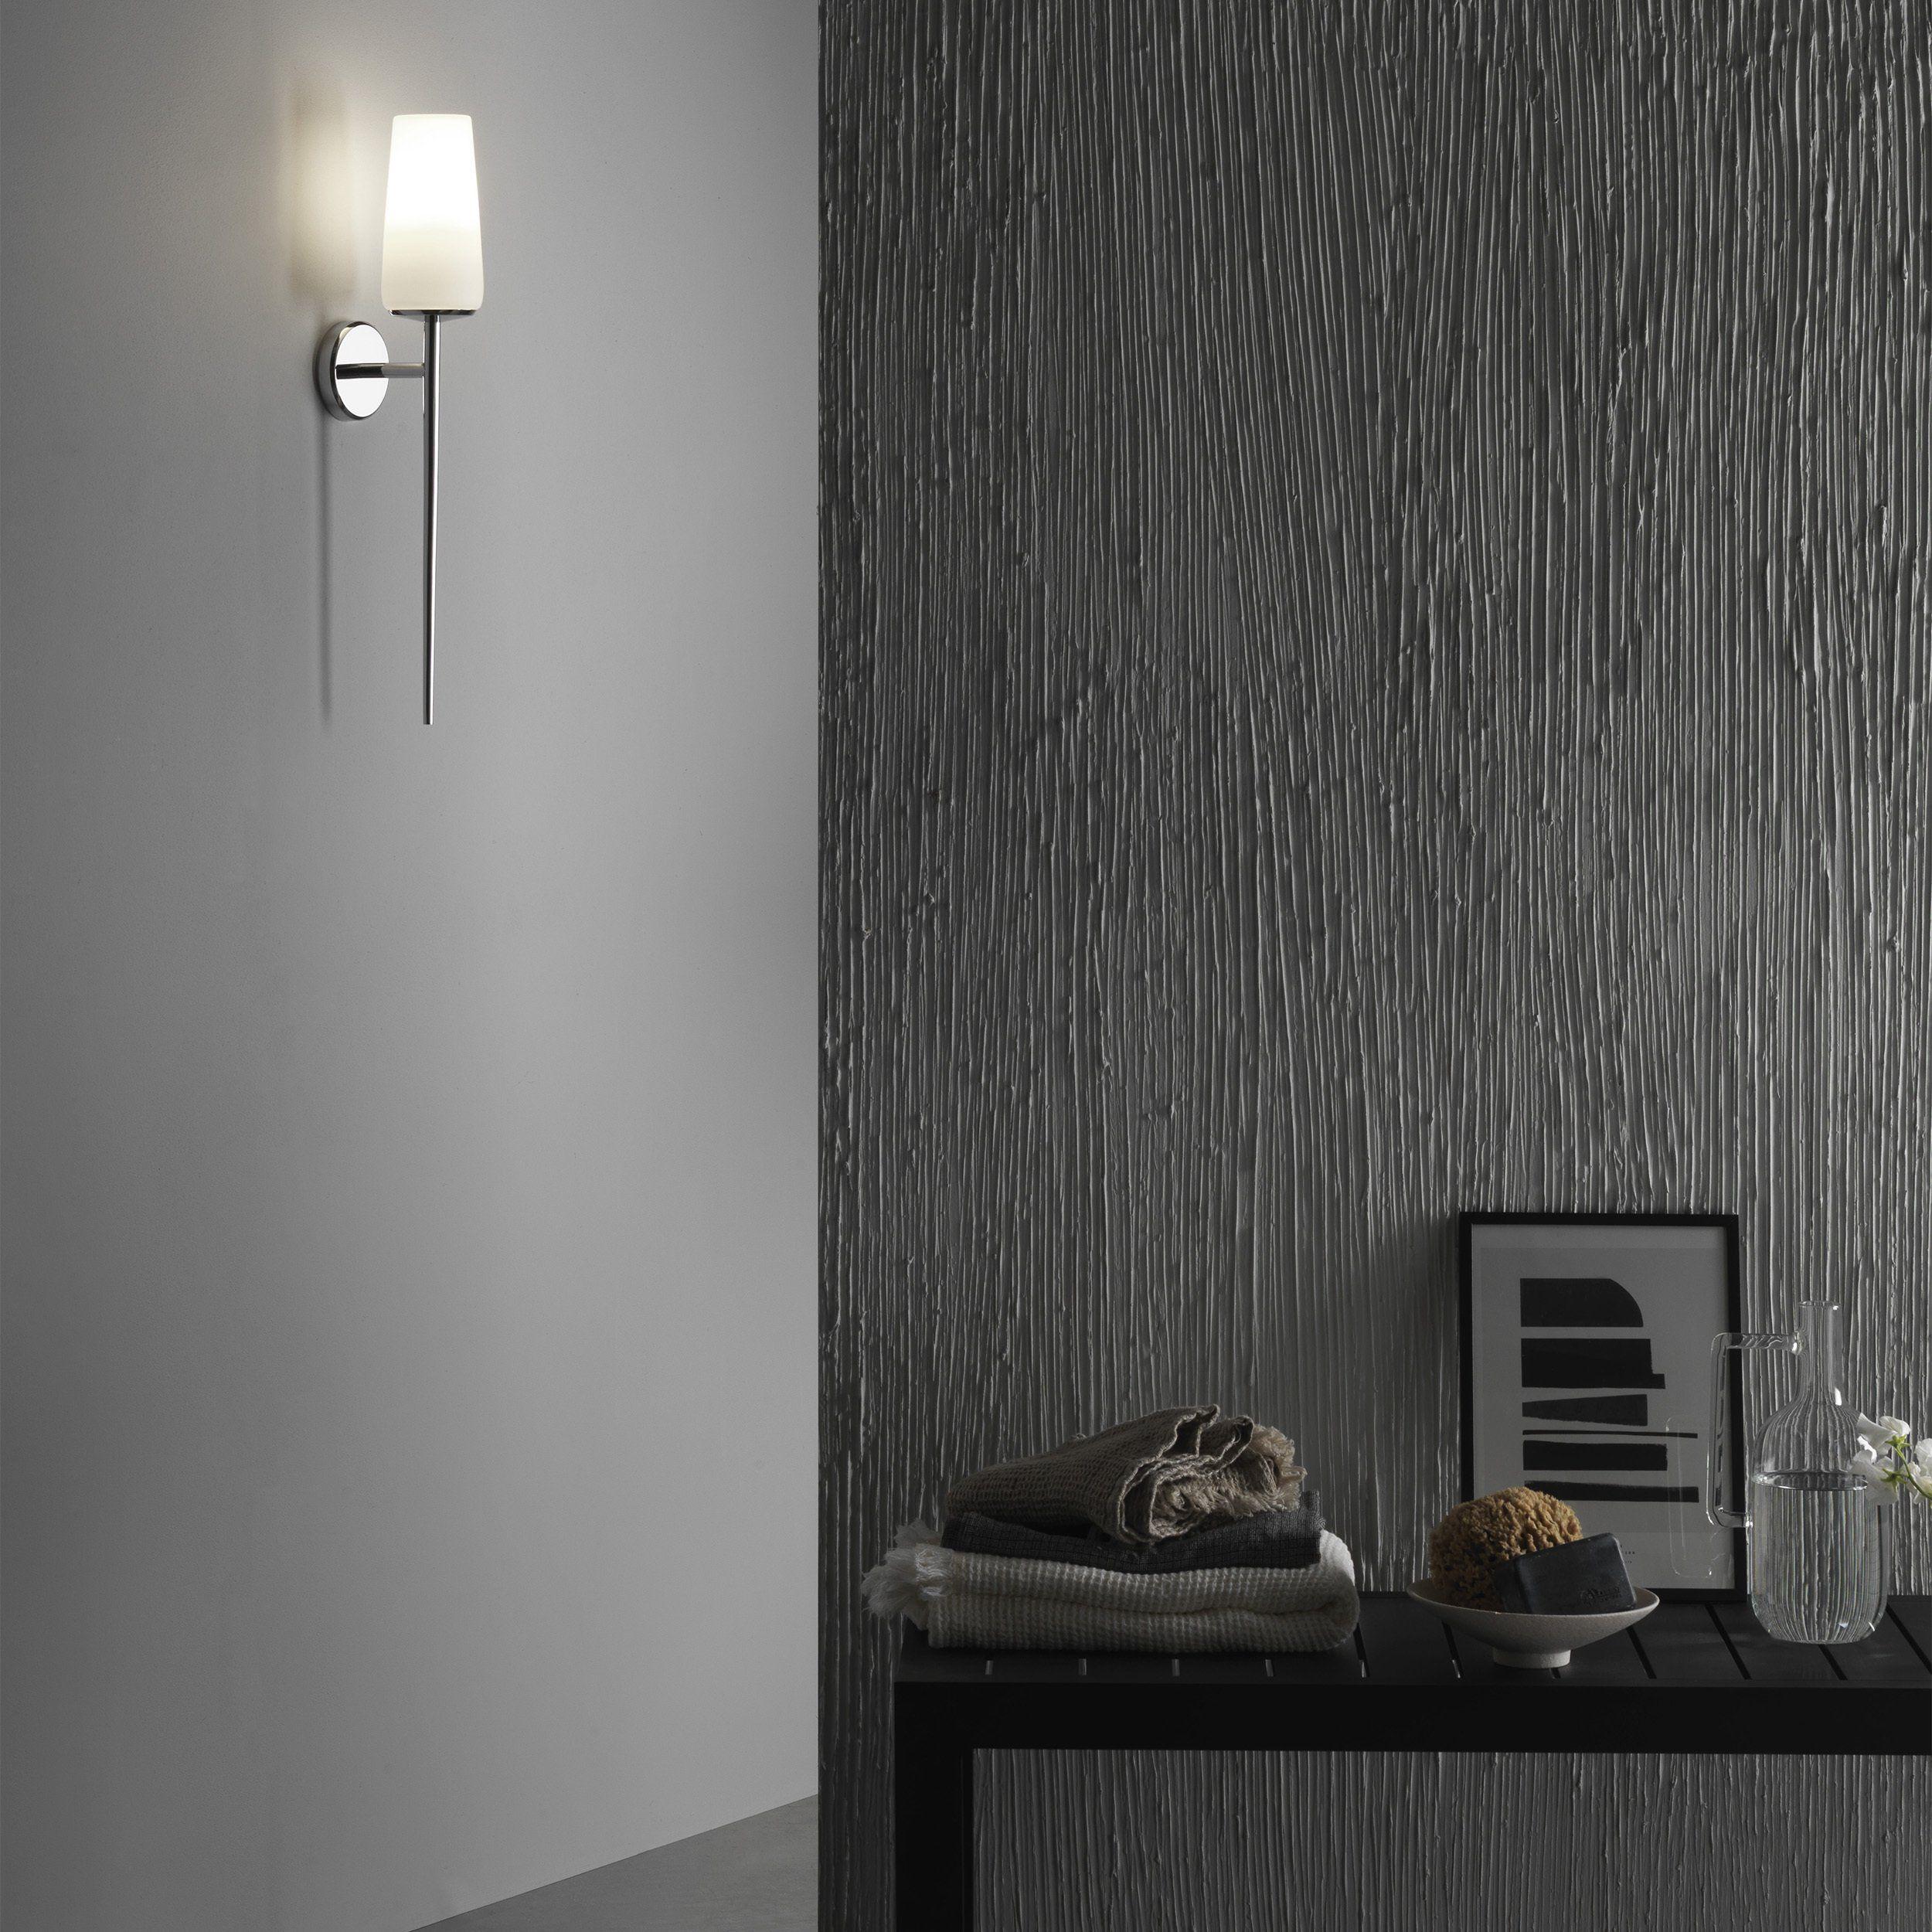 Ampoule E27 42 55w Eco Halogene Eclairage Mural Eclairage Interieur Et Parement Mural